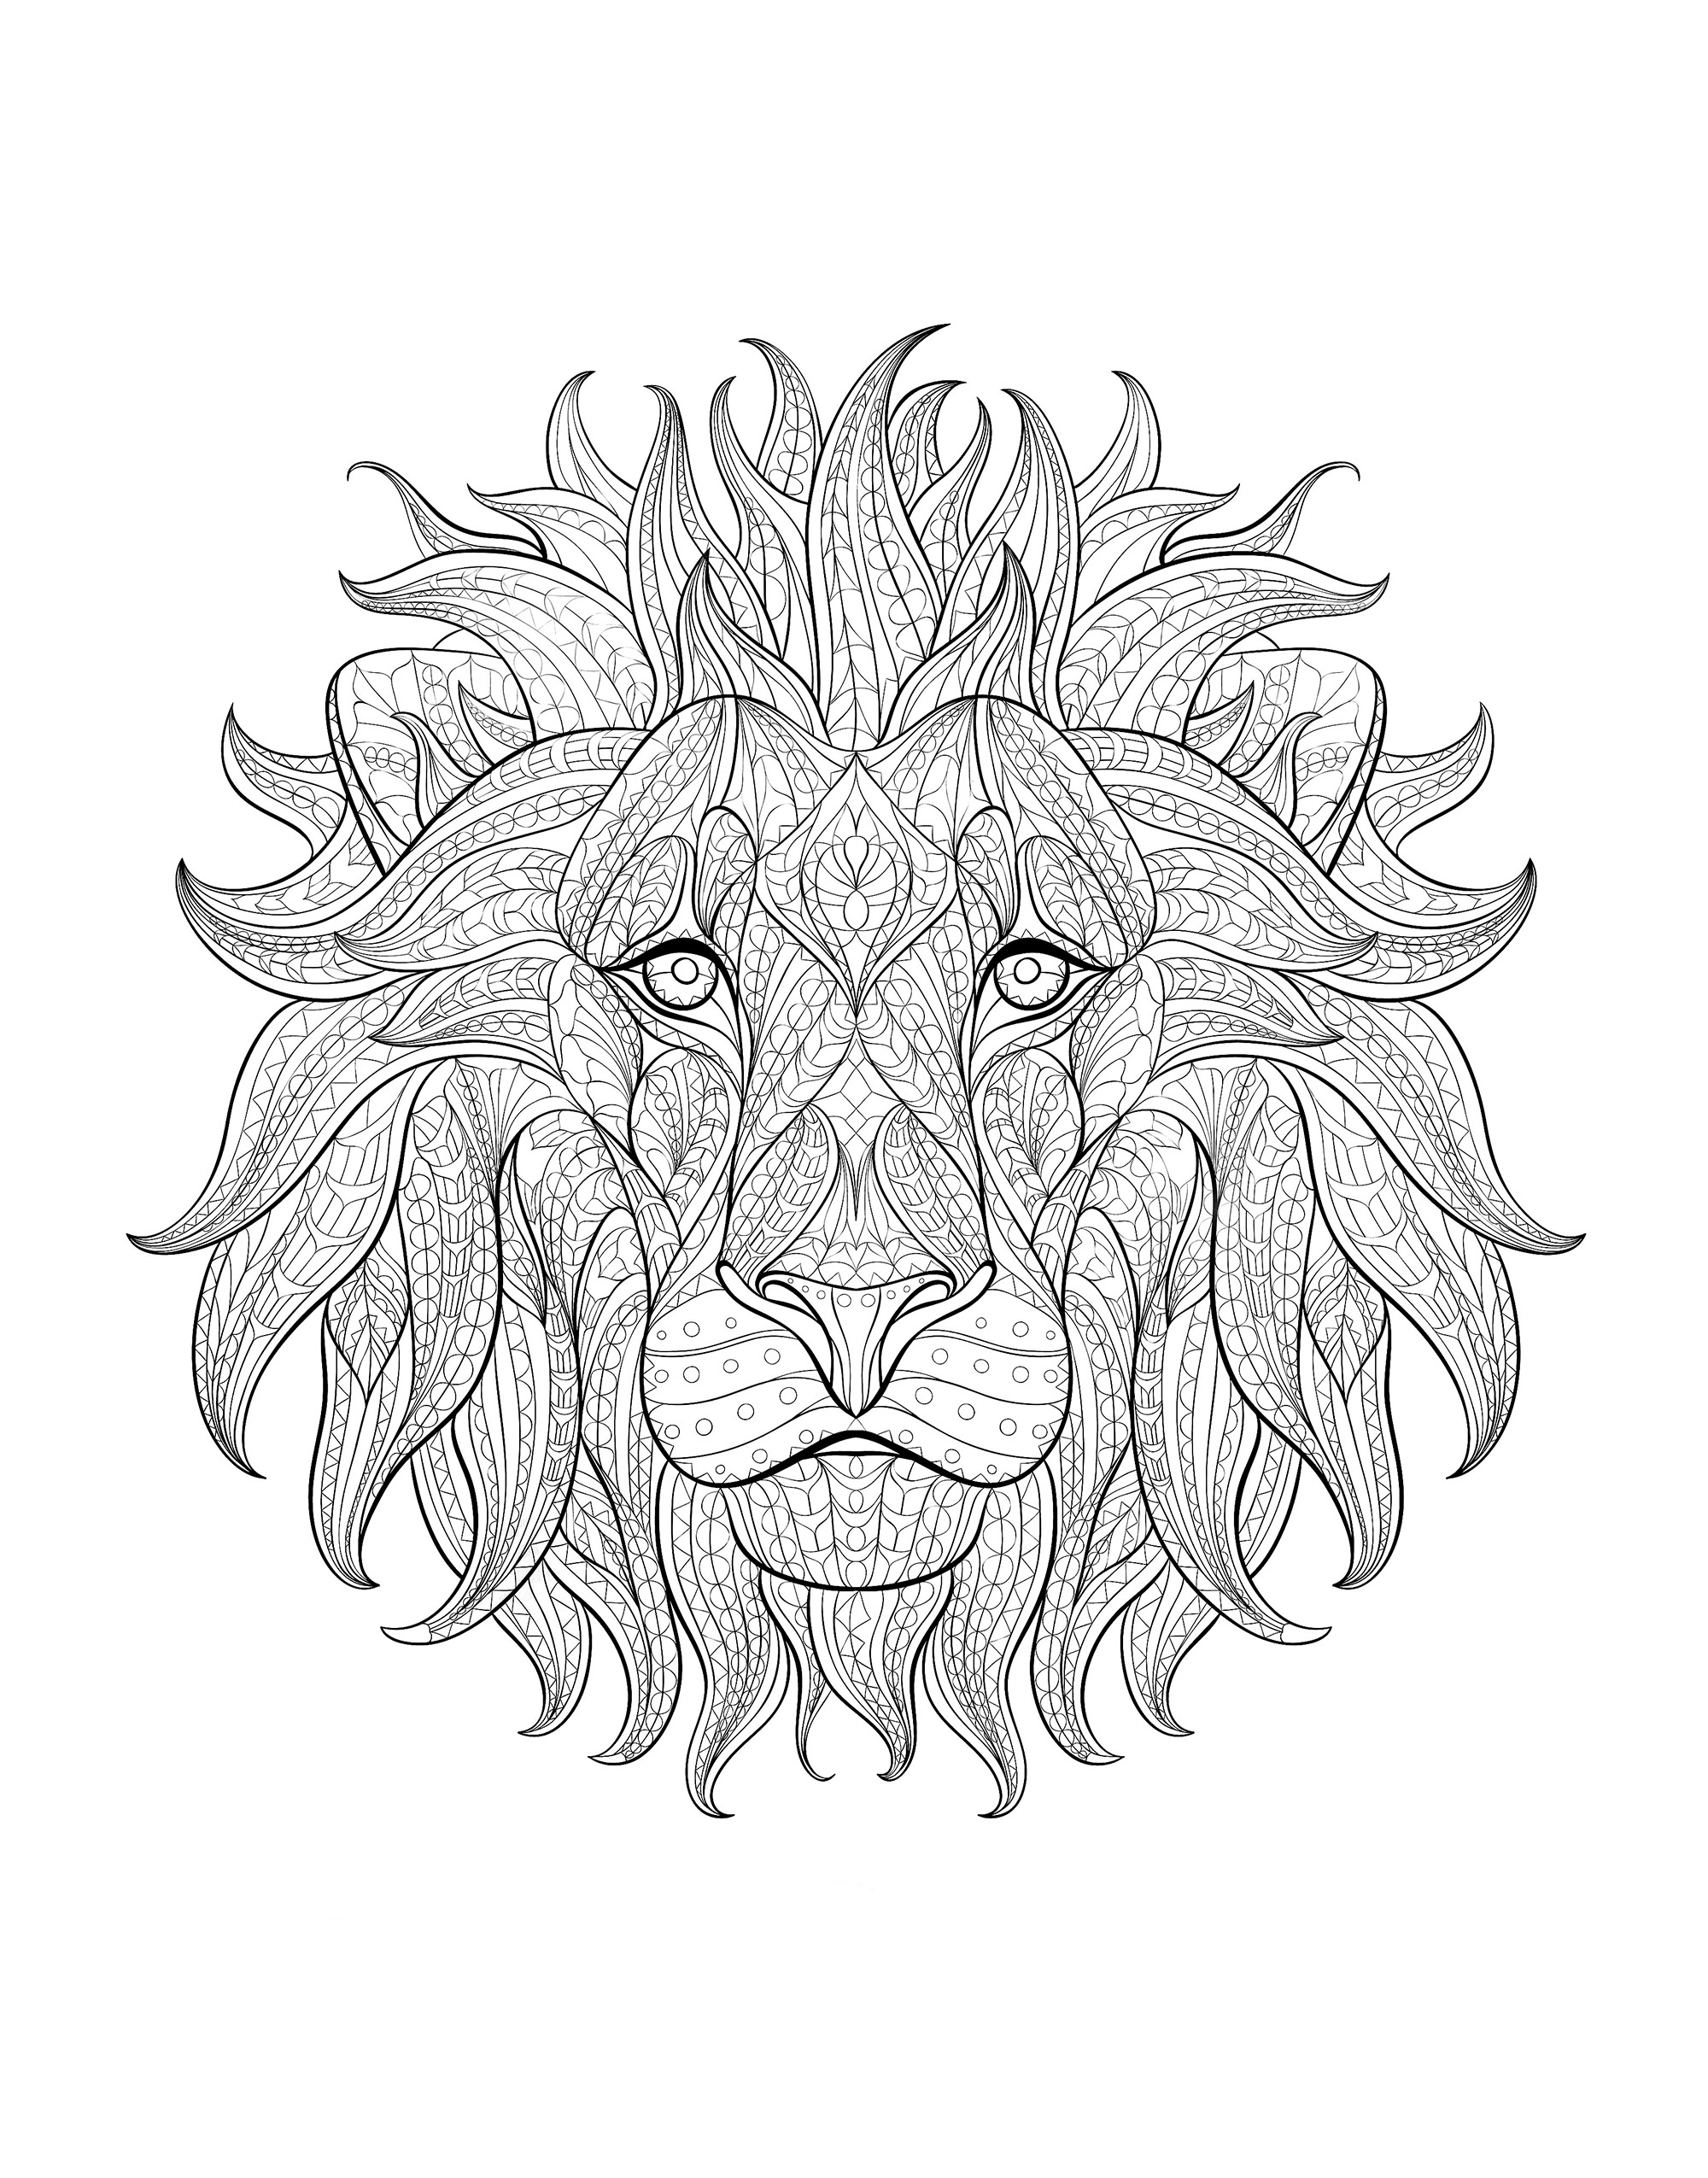 Disegni da colorare per adulti : Lions - 6